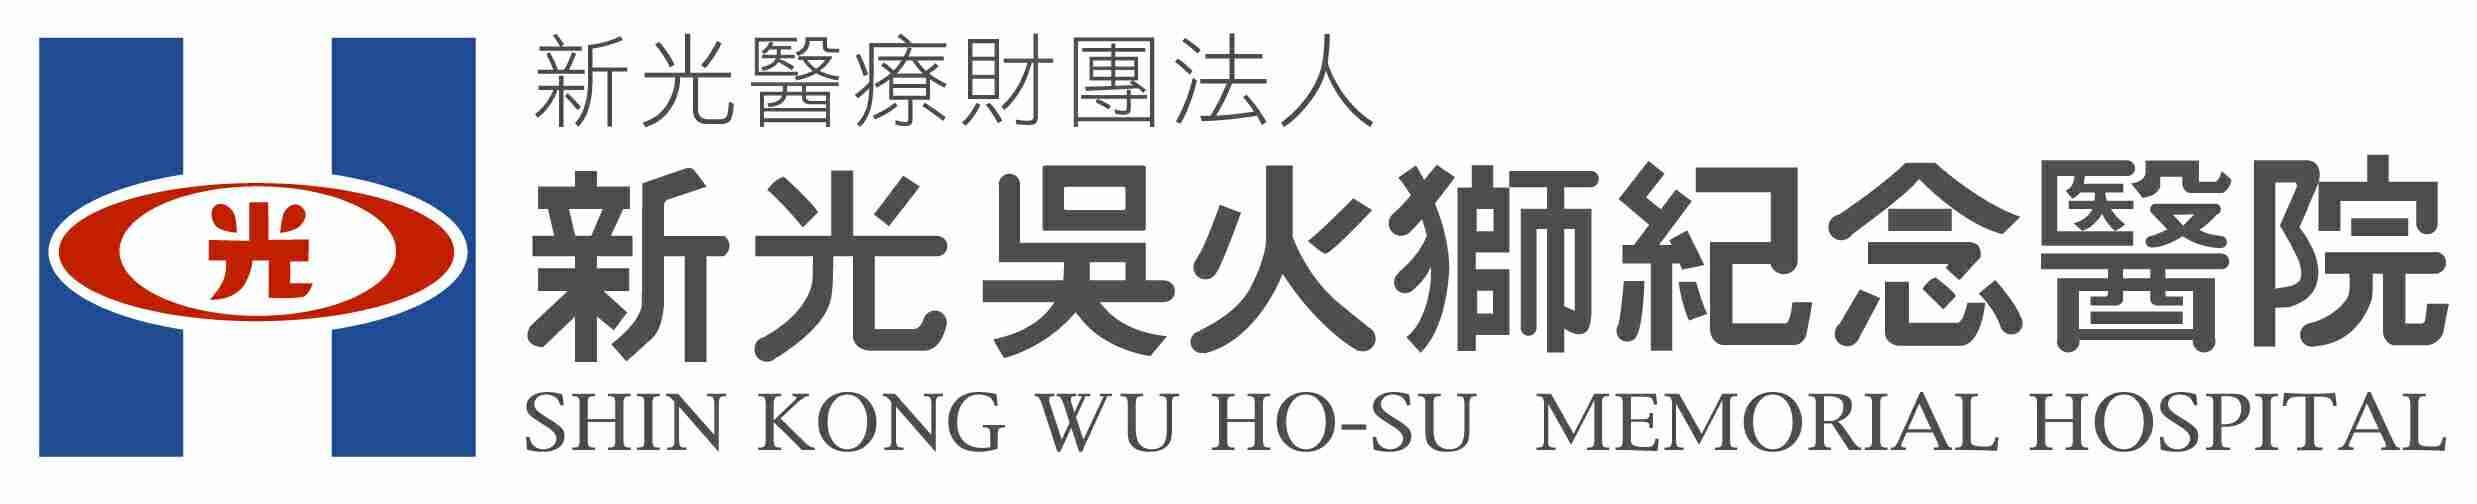 新光醫院醫療財團法人新光吳火獅紀念醫院高薪職缺